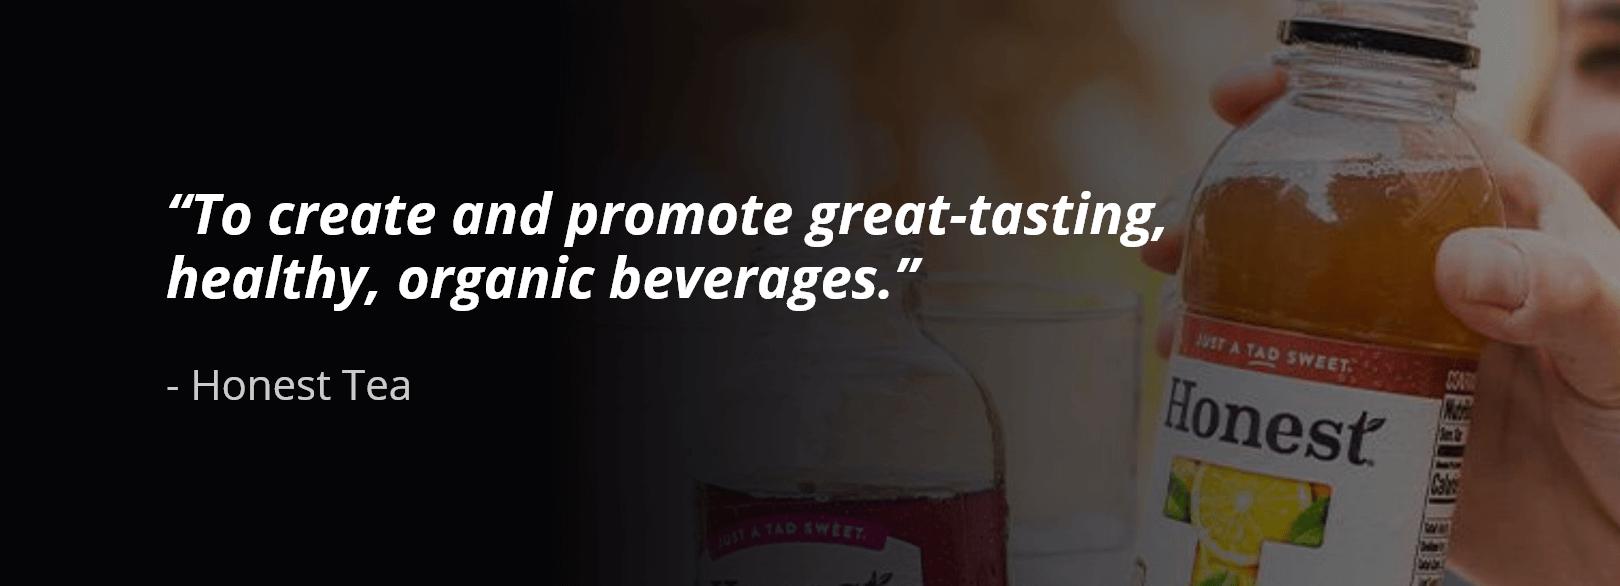 Honest Tea business purpose